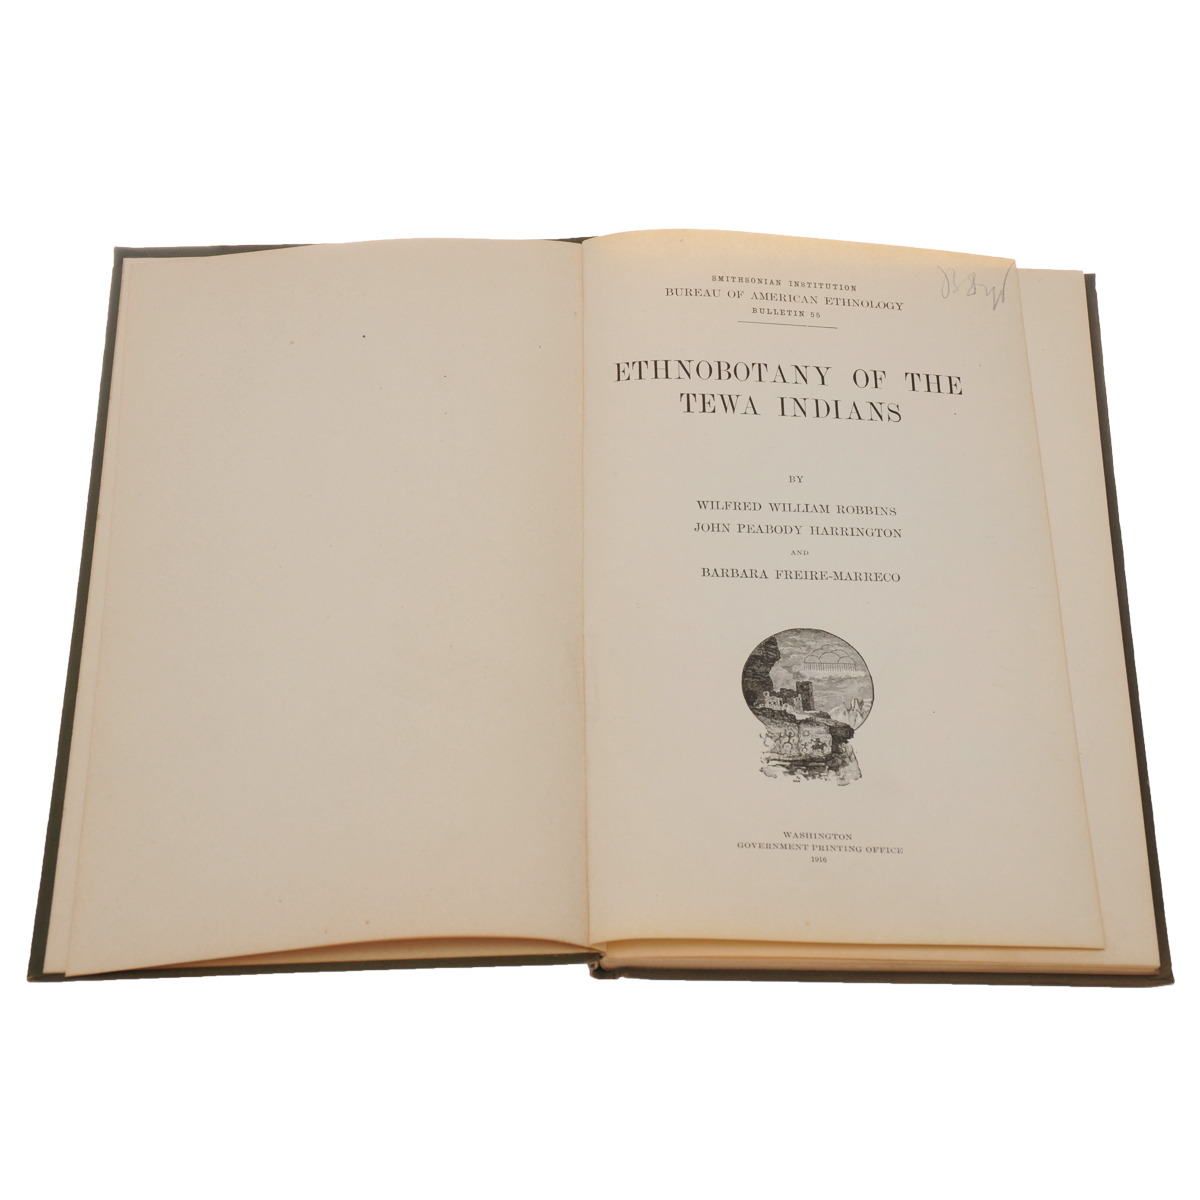 Ethnobotany of the Tewa Indians.